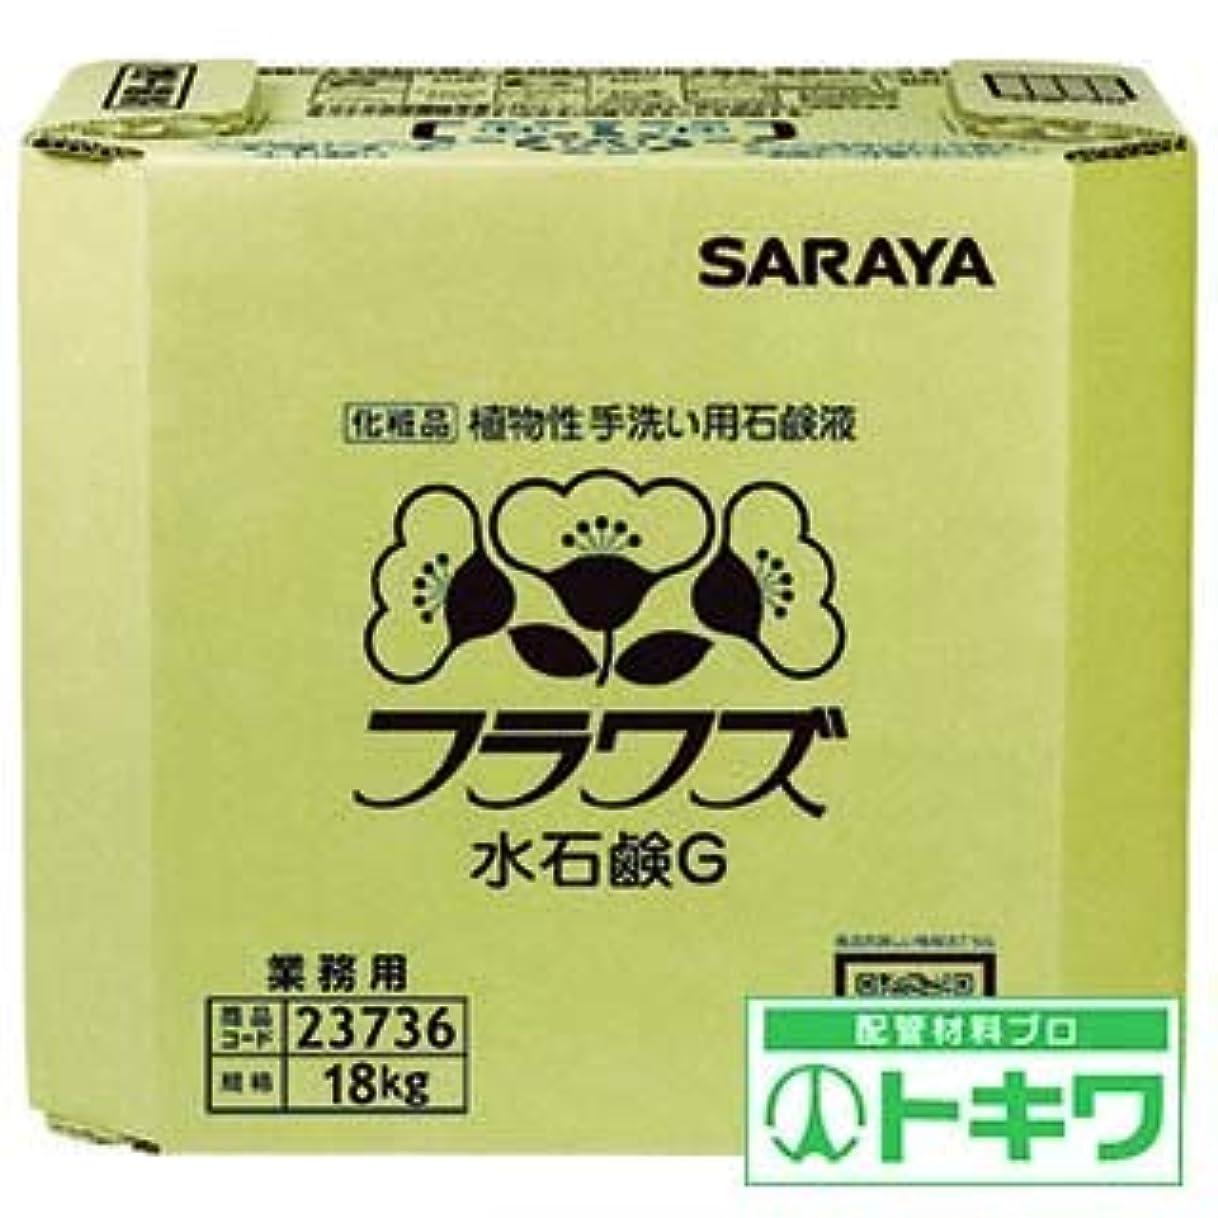 子犬芽反対にサラヤ 手洗い用石けん液 フラワズ水石鹸G 18kg